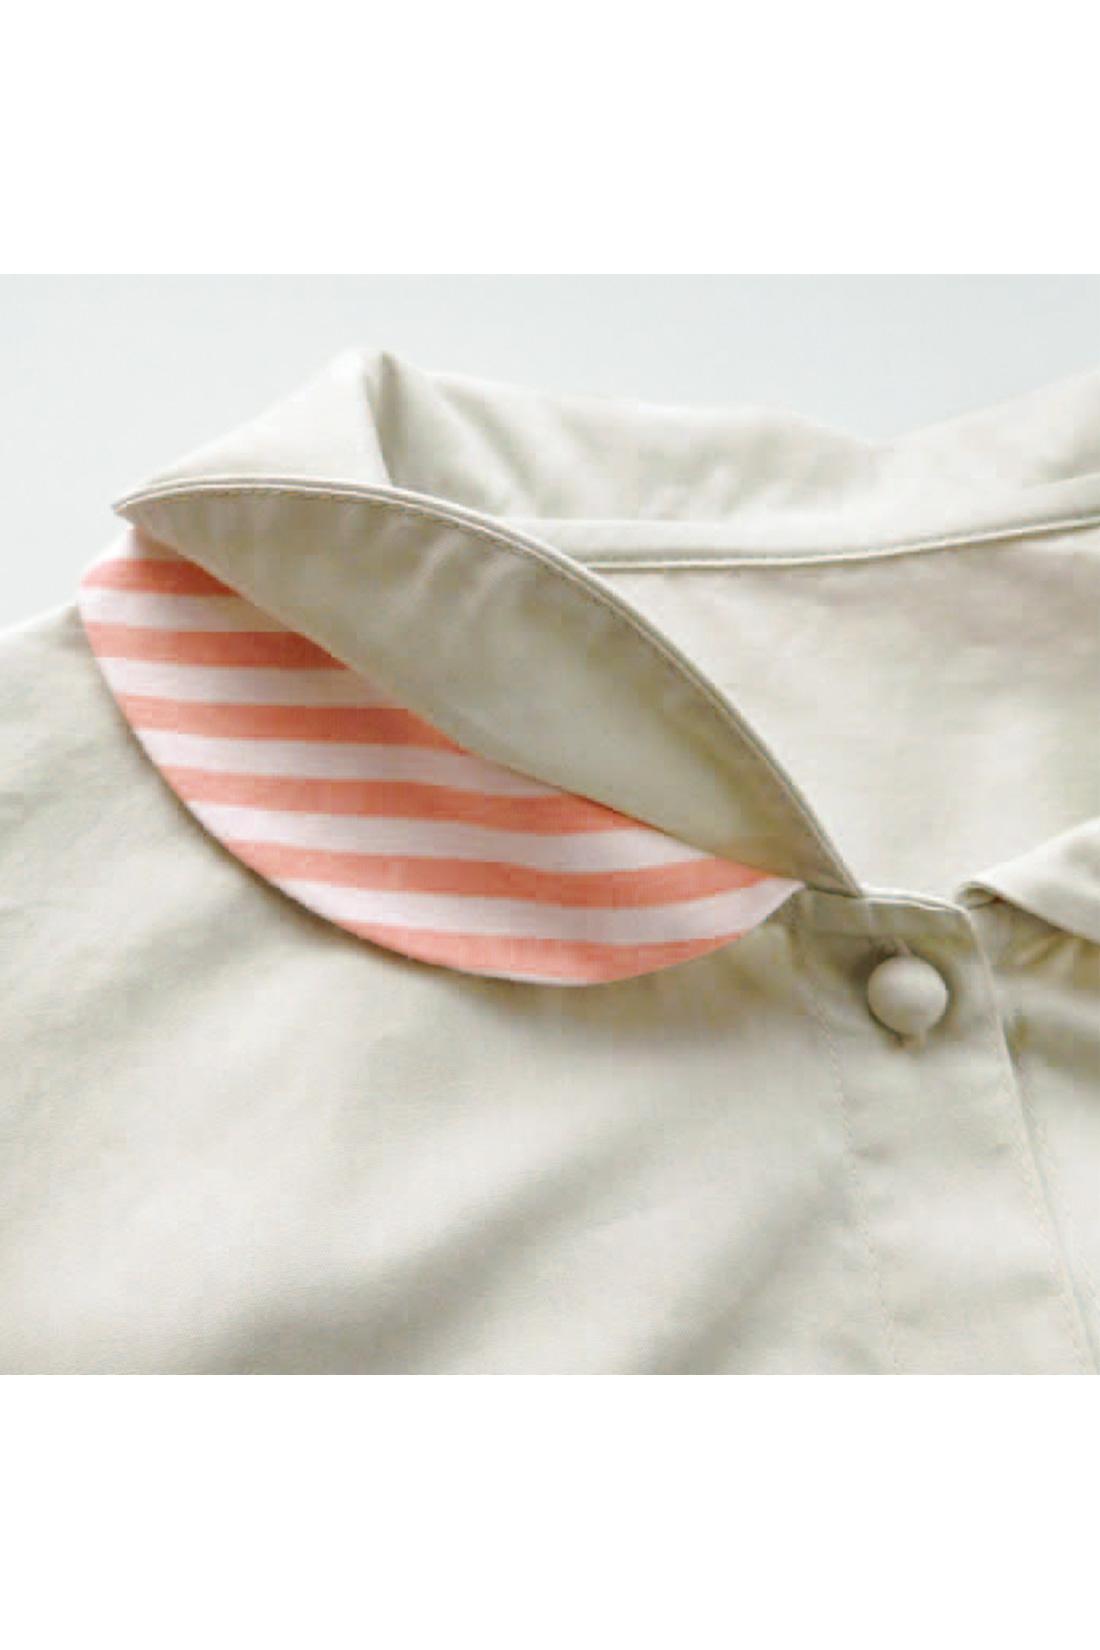 [衿をアップでどうぞ。]ほら、こんな感じに無地と柄の衿が二重になっているの。